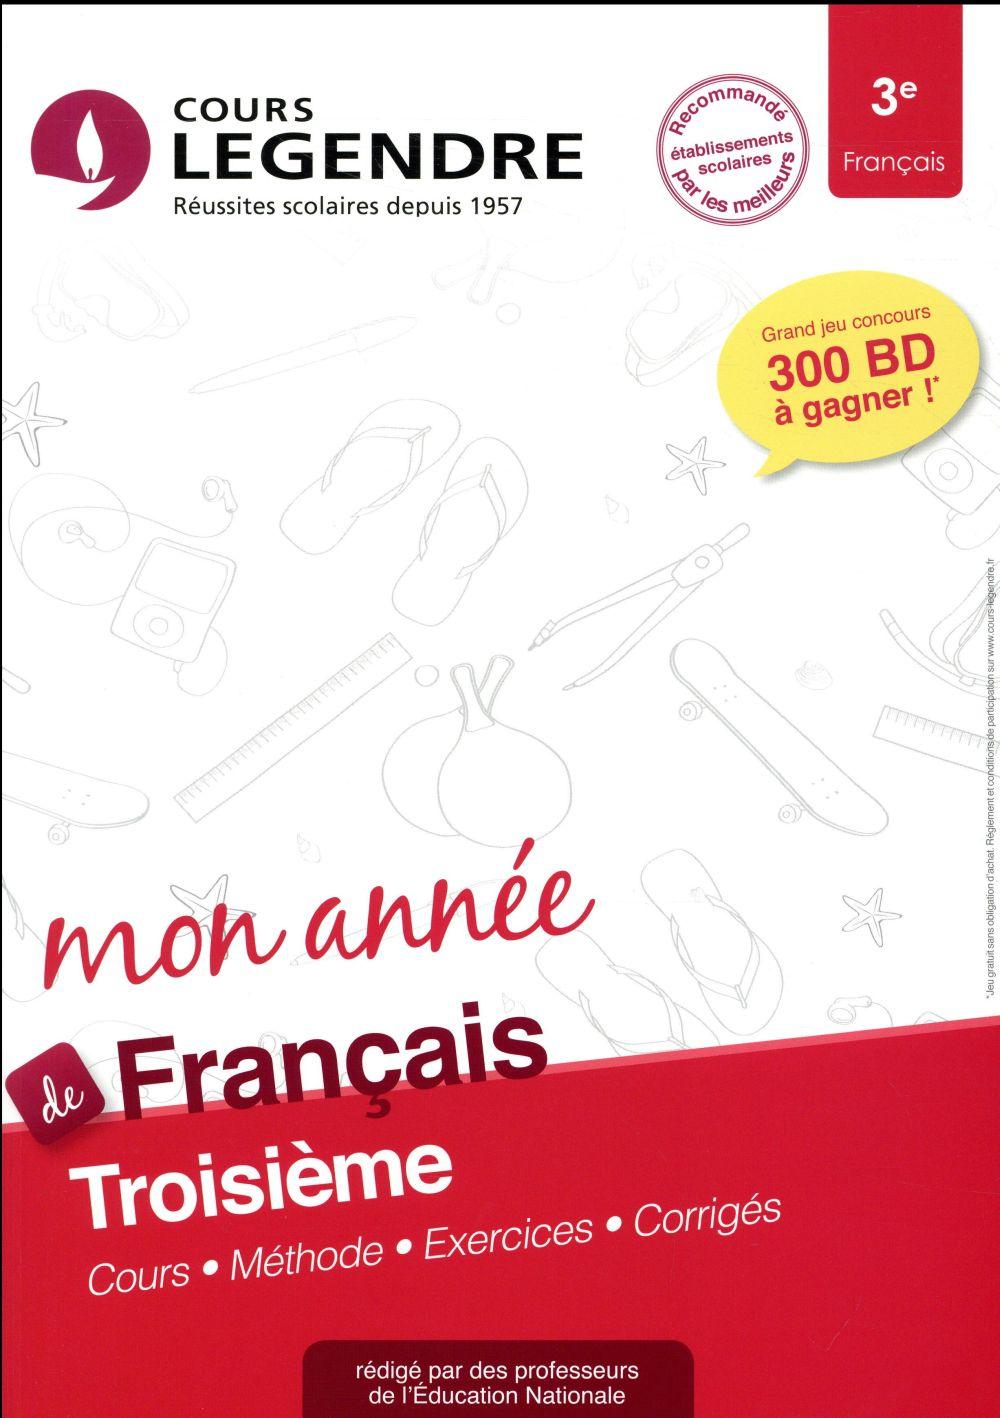 Cours Legendre ; français ; 3e mon année (édition 2018)